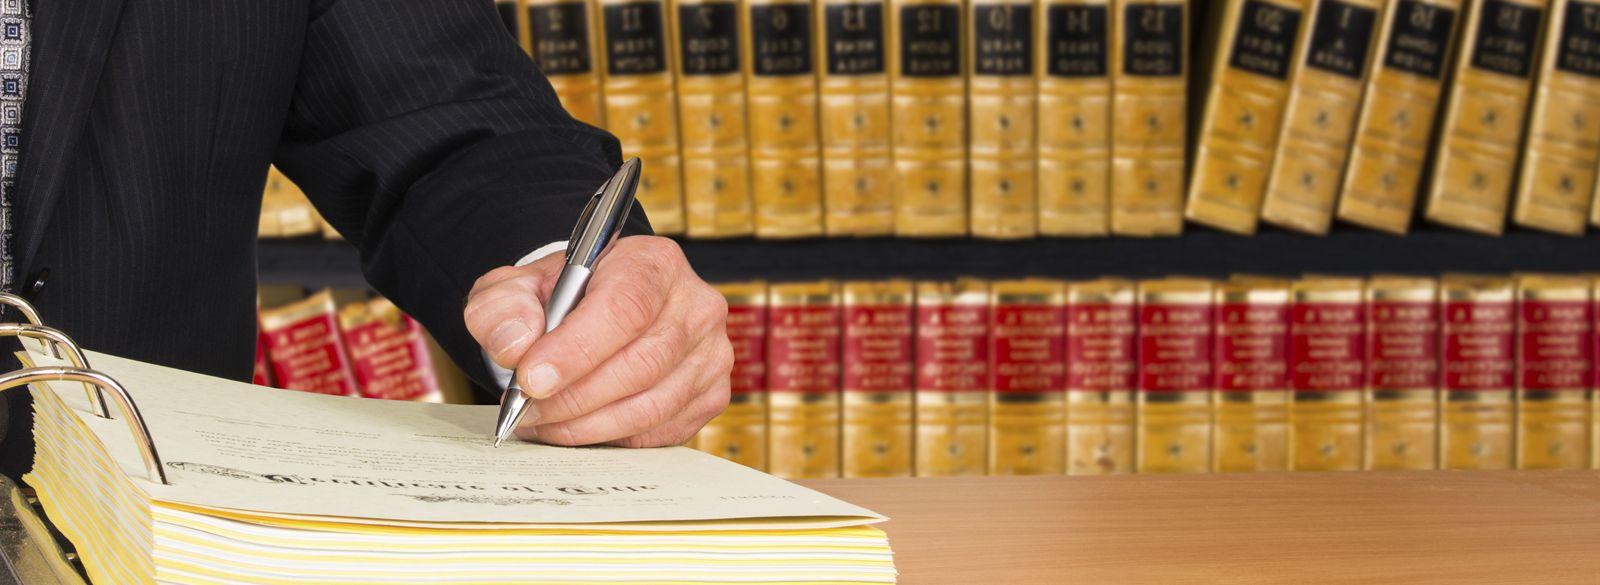 Propiedad Industrial e Intelectual y Derecho de las Nuevas Tecnologías: Áreas Legales de Cifuentes Legal